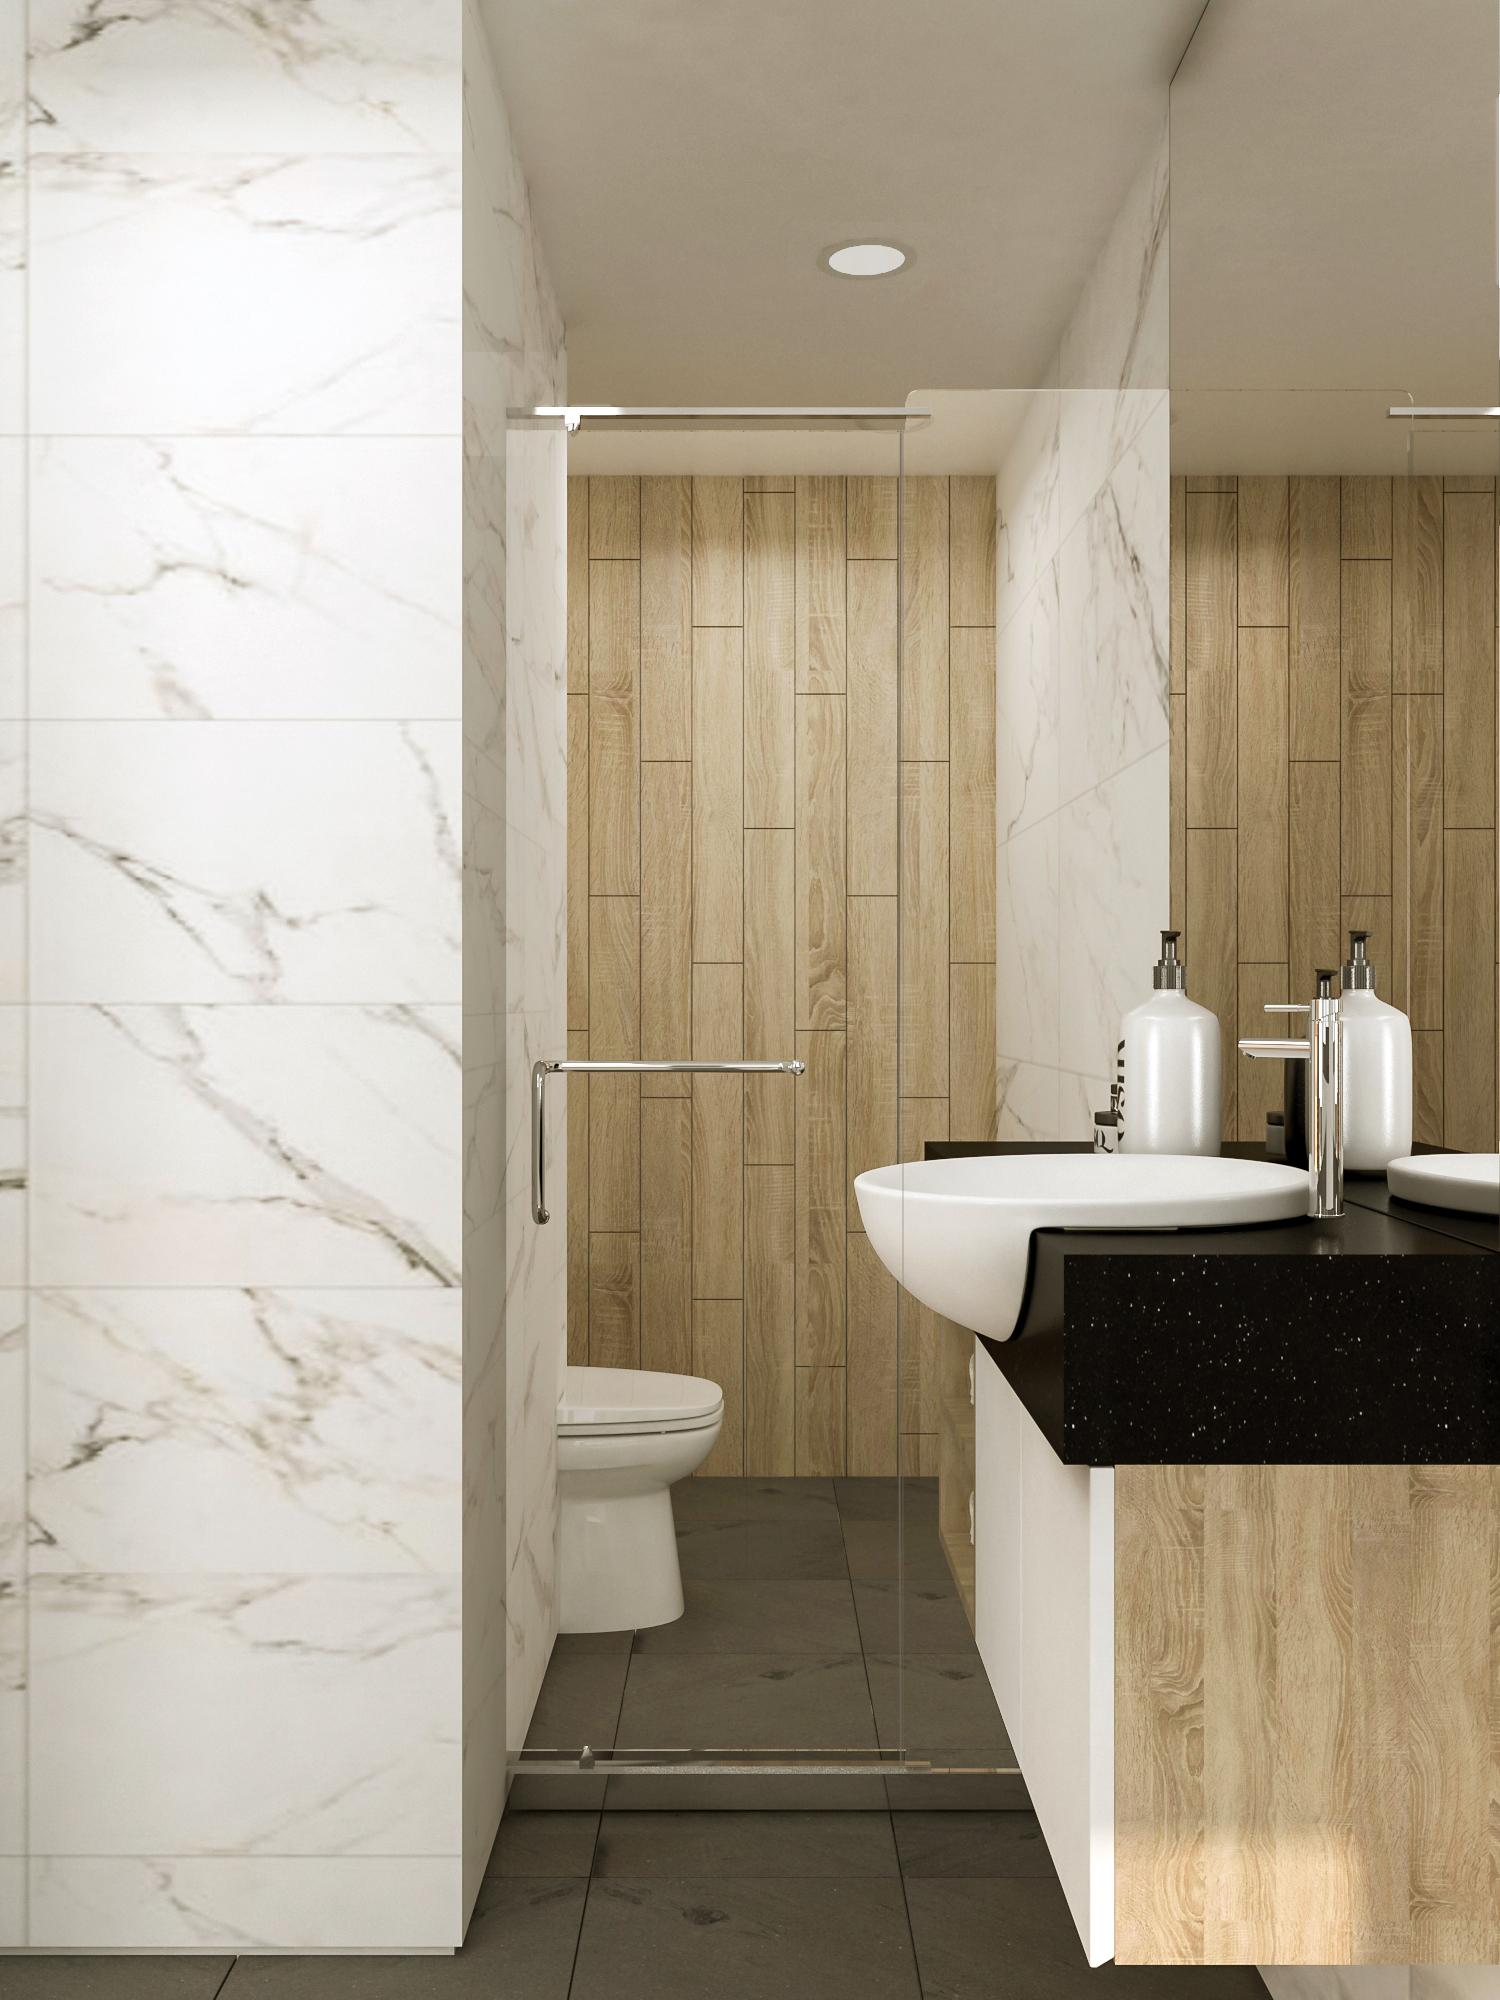 Tư vấn thiết kế cải tạo căn hộ chung cư diện tích 79m² với tổng chi phí 140 triệu đồng - Ảnh 11.